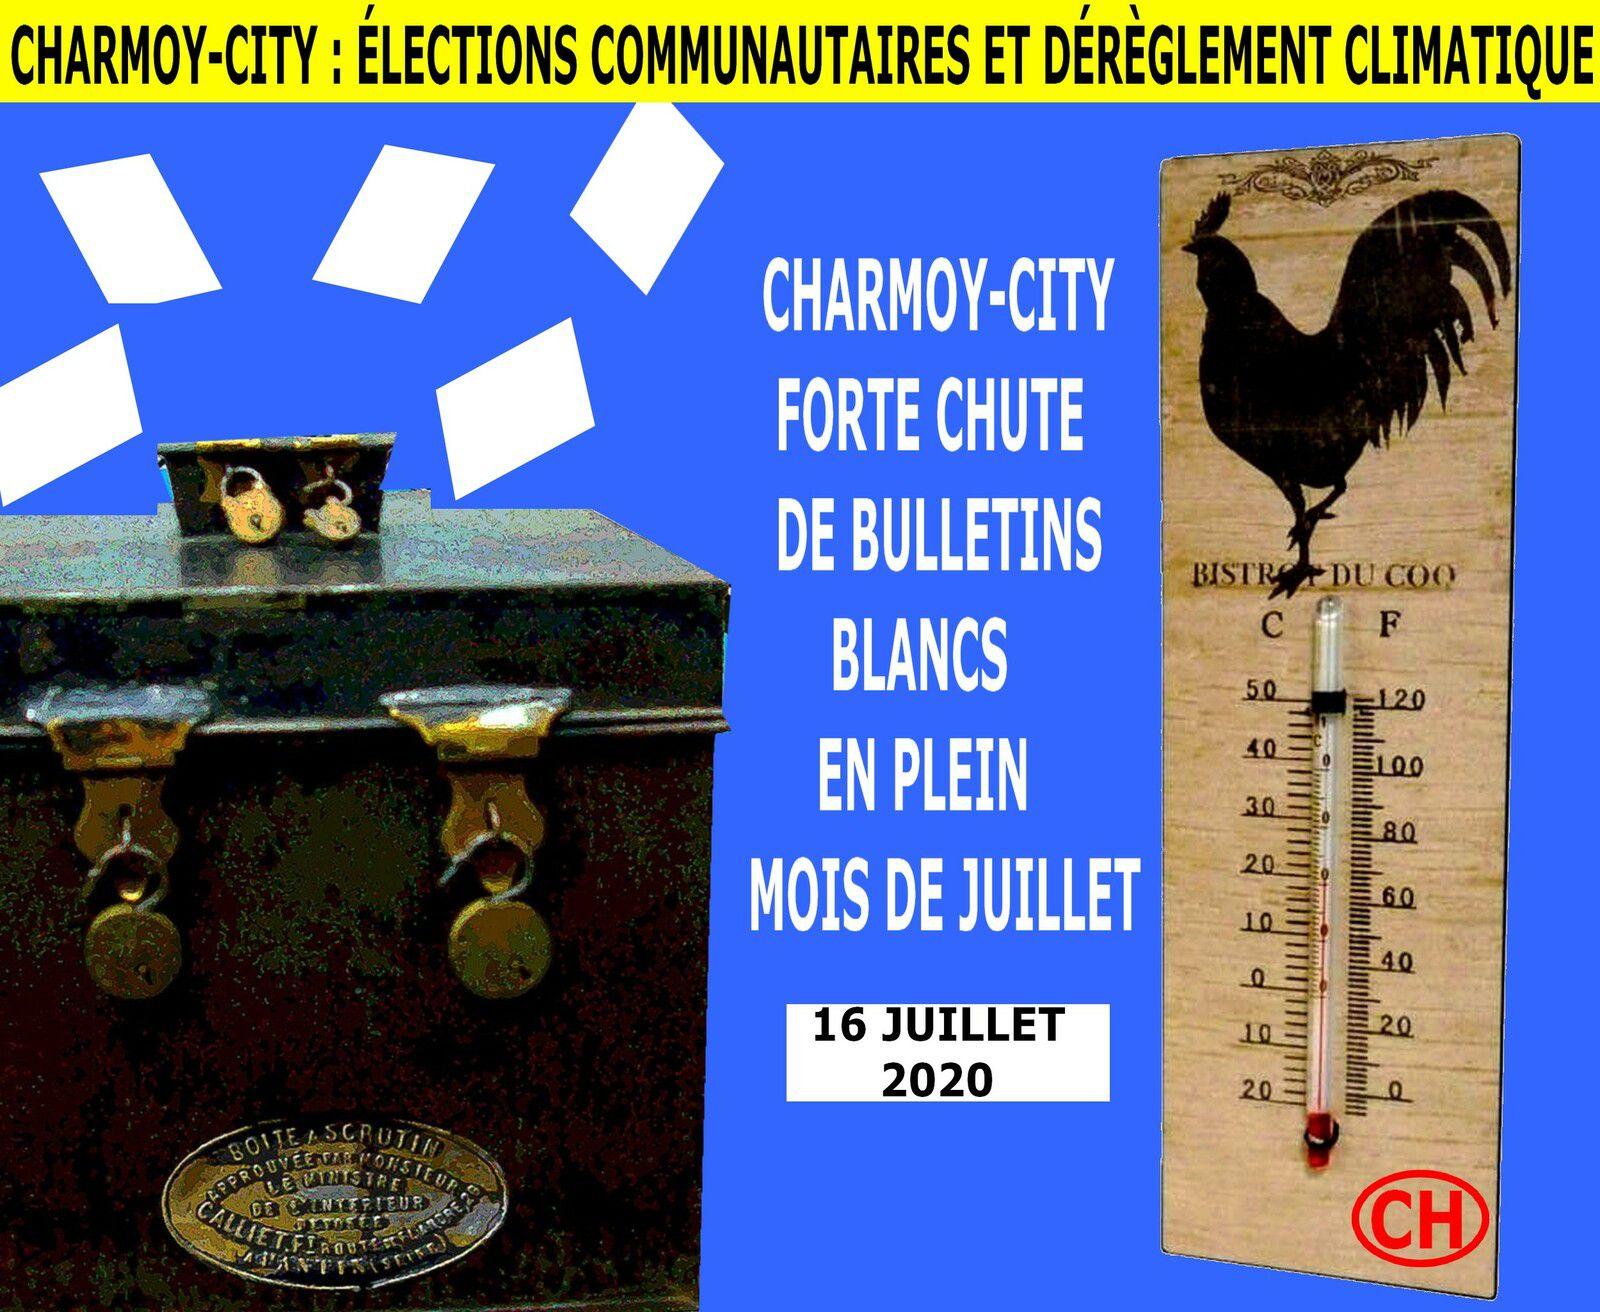 Charmoy-City, élections communautaires et dérèglement climatique.jpg